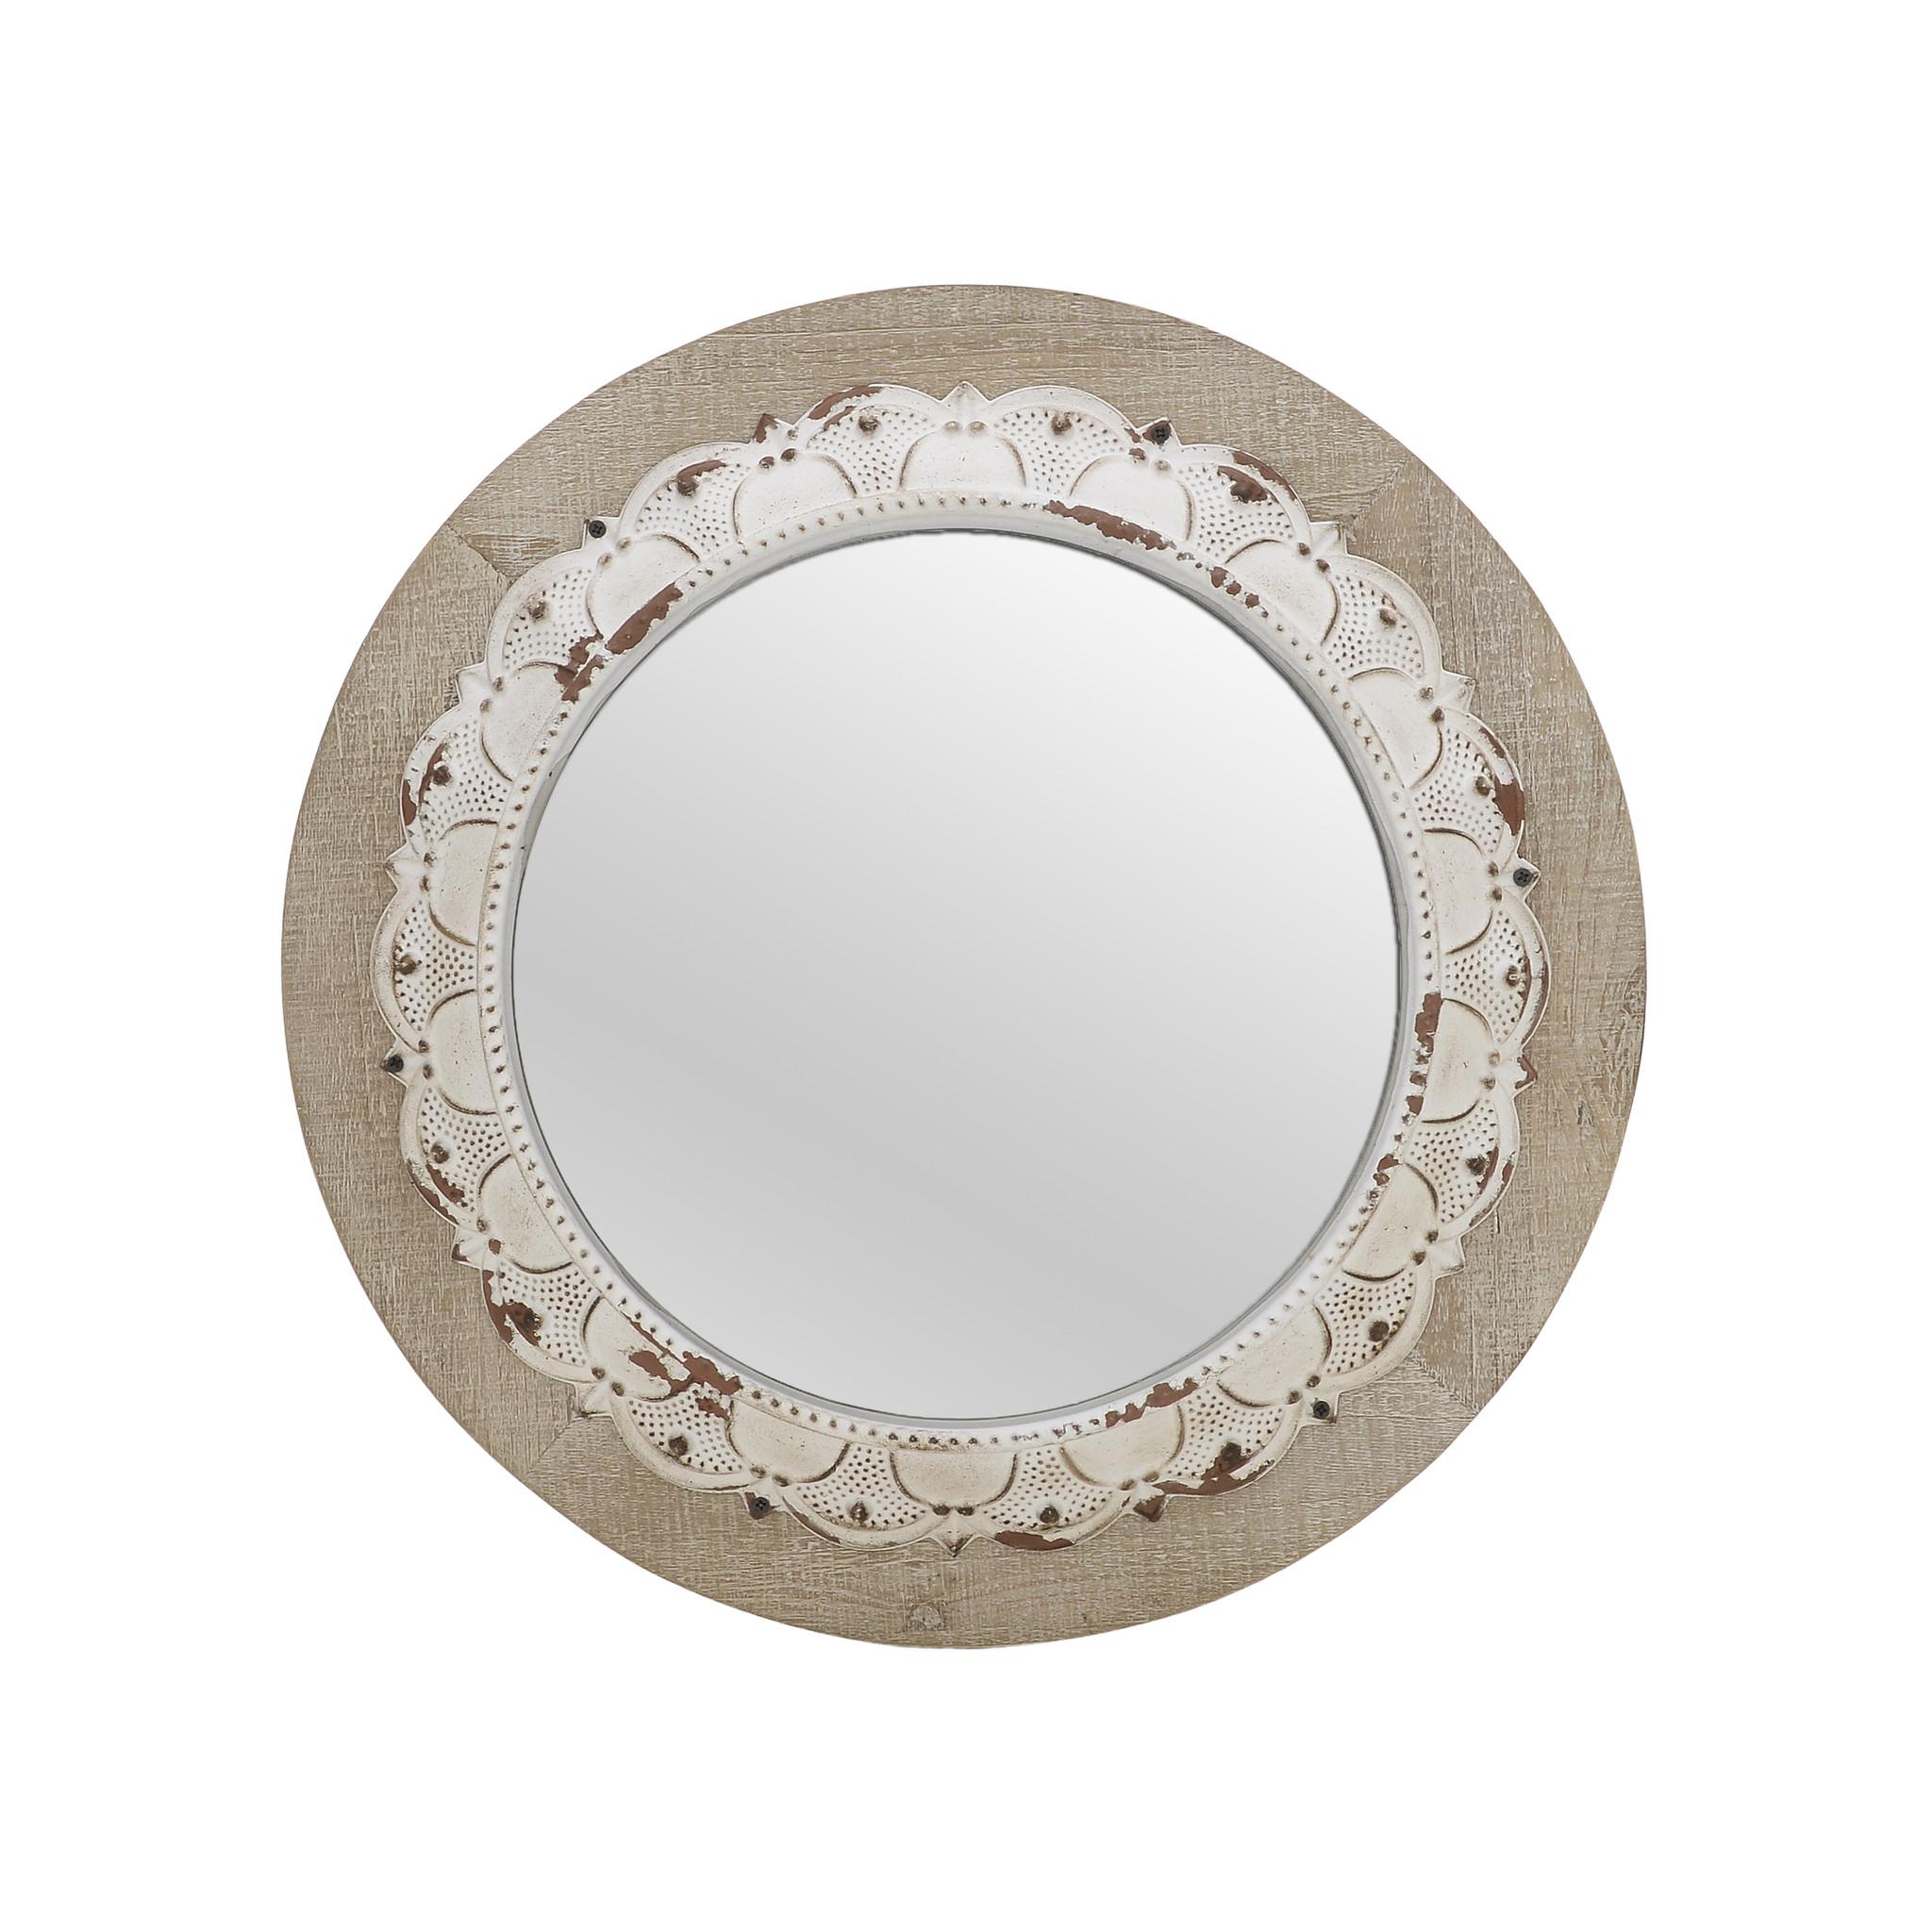 Купить Зеркало настенное круглое, inmyroom, Греция